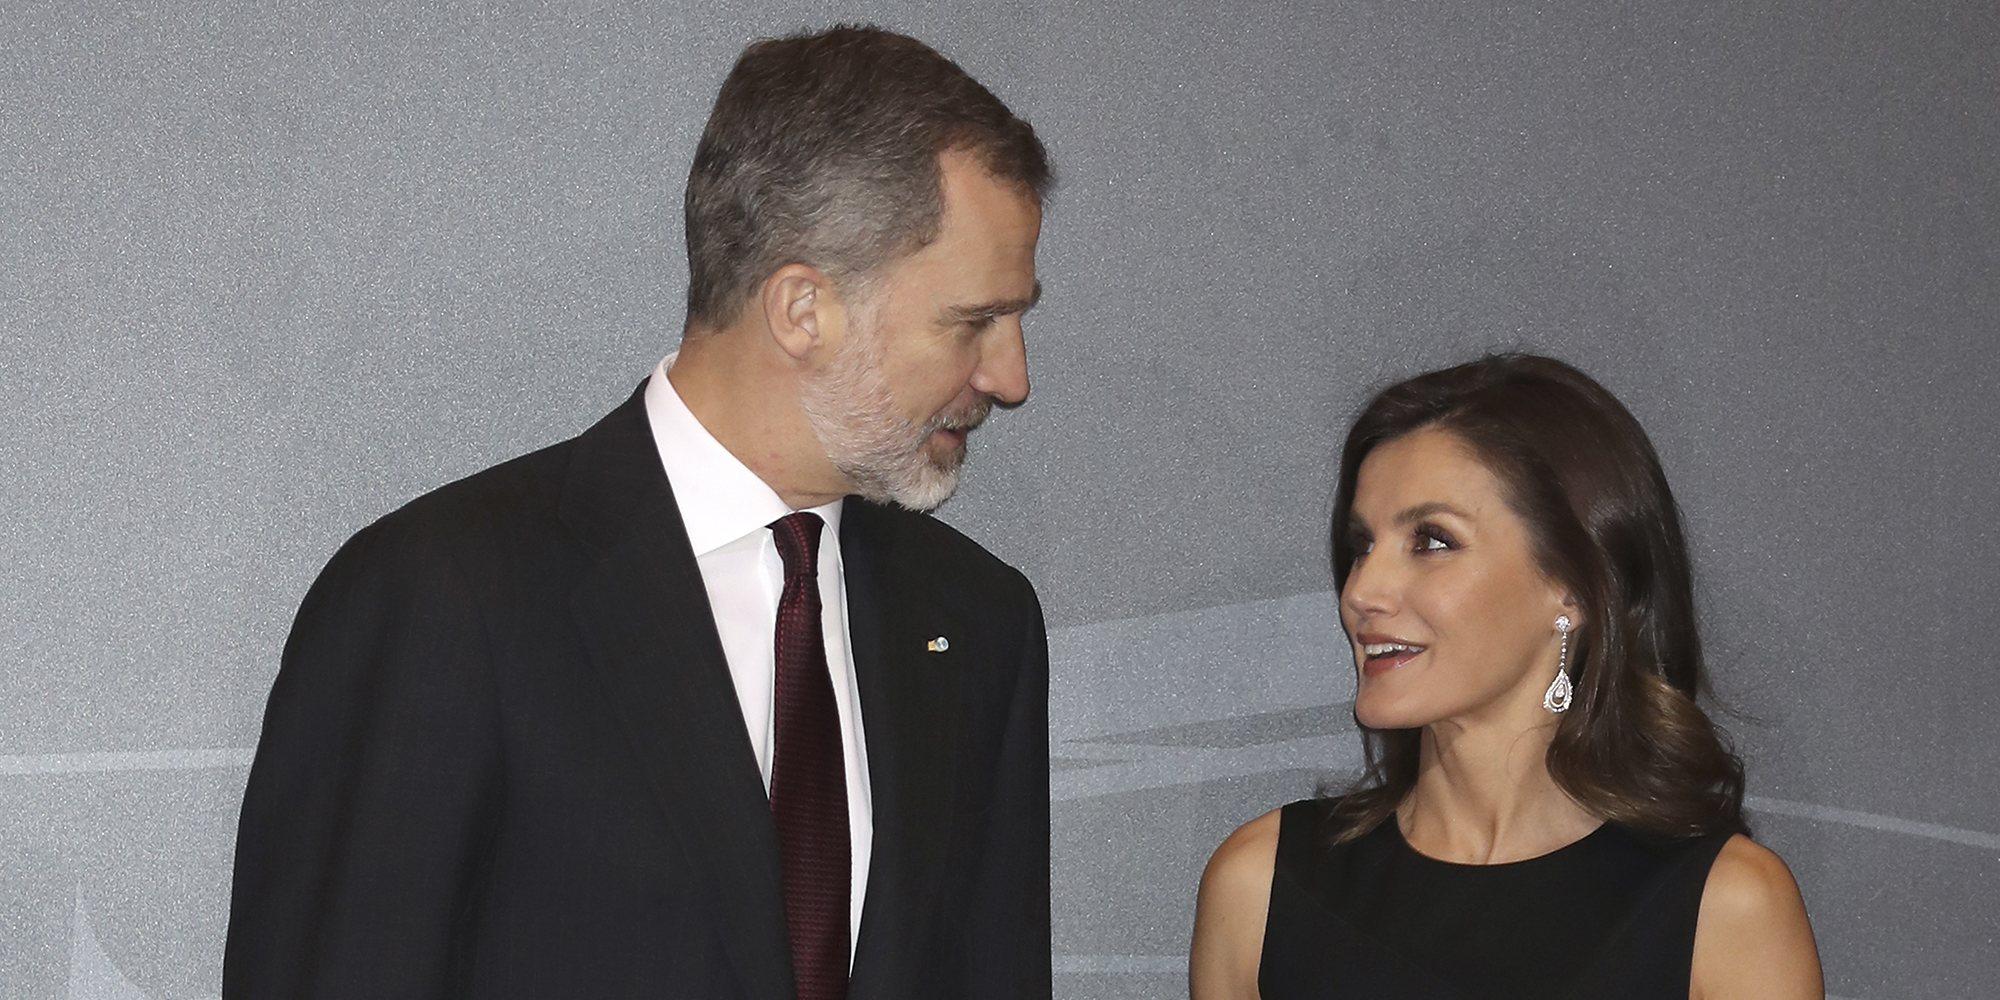 Los Reyes Felipe y Letizia presiden el concierto 'In Memoriam', un homenaje para las víctimas de terrorismo